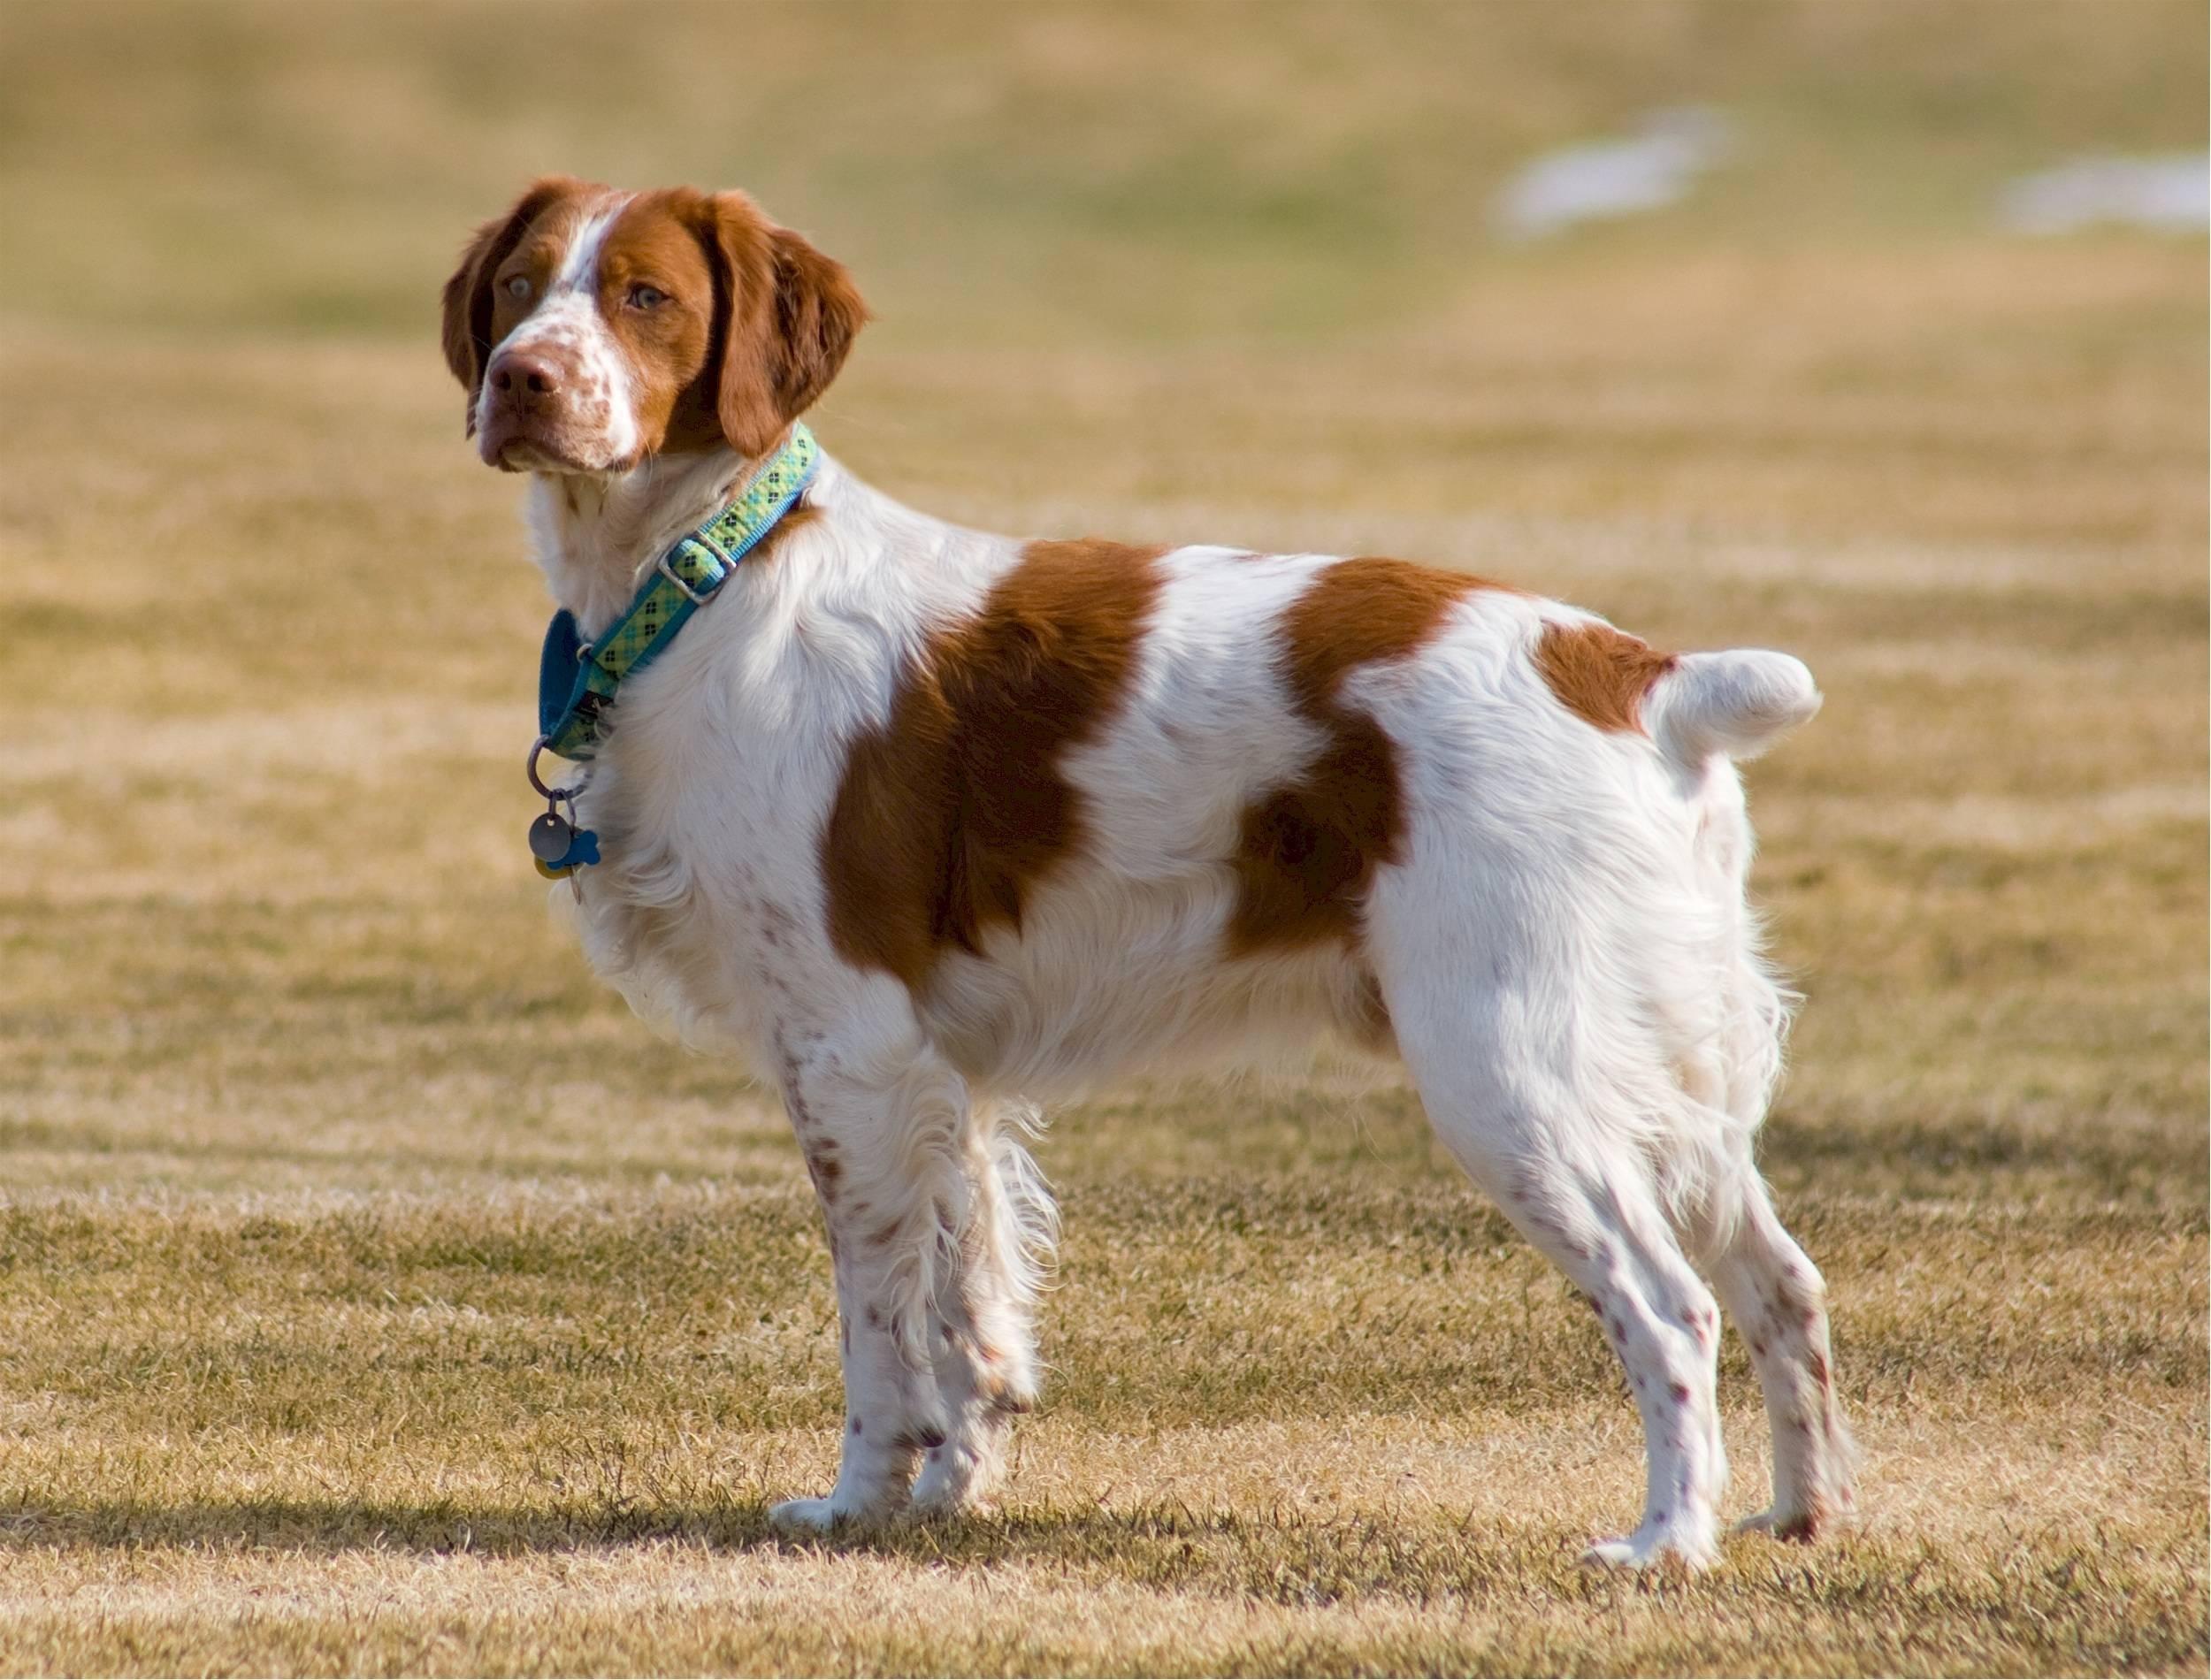 Бретонский эспаньоль (французский спаниель): фото собак, история происхождения и описание породы, а так же где можно купить щенка